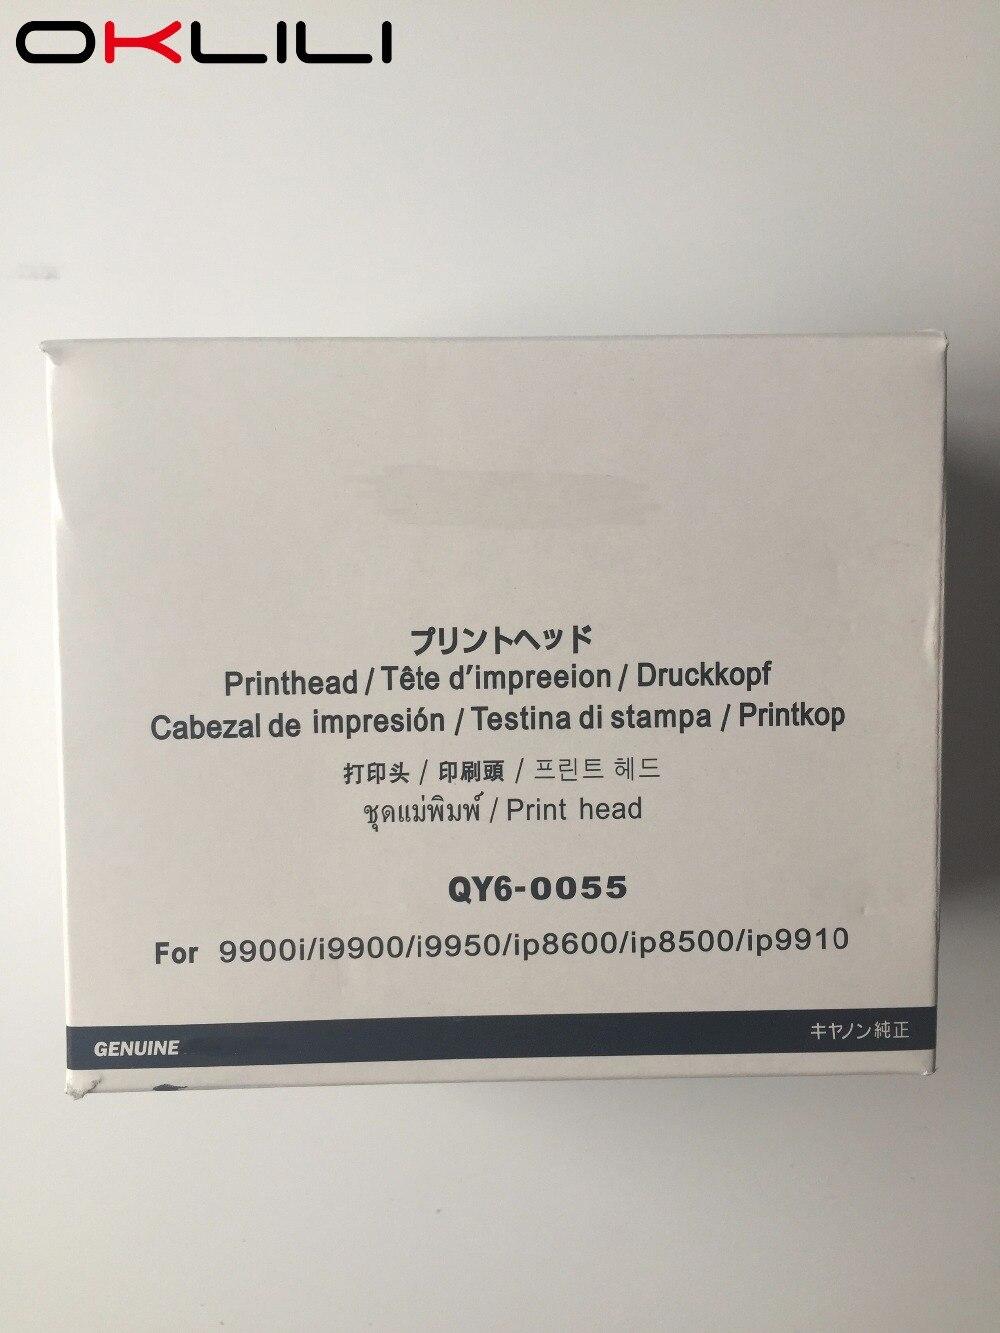 ORIGINAL QY6-0055 QY6-0055-000 Printhead Print Head Printer Head for Canon 9900i i9900 i9950 iP8600 iP8500 iP9100